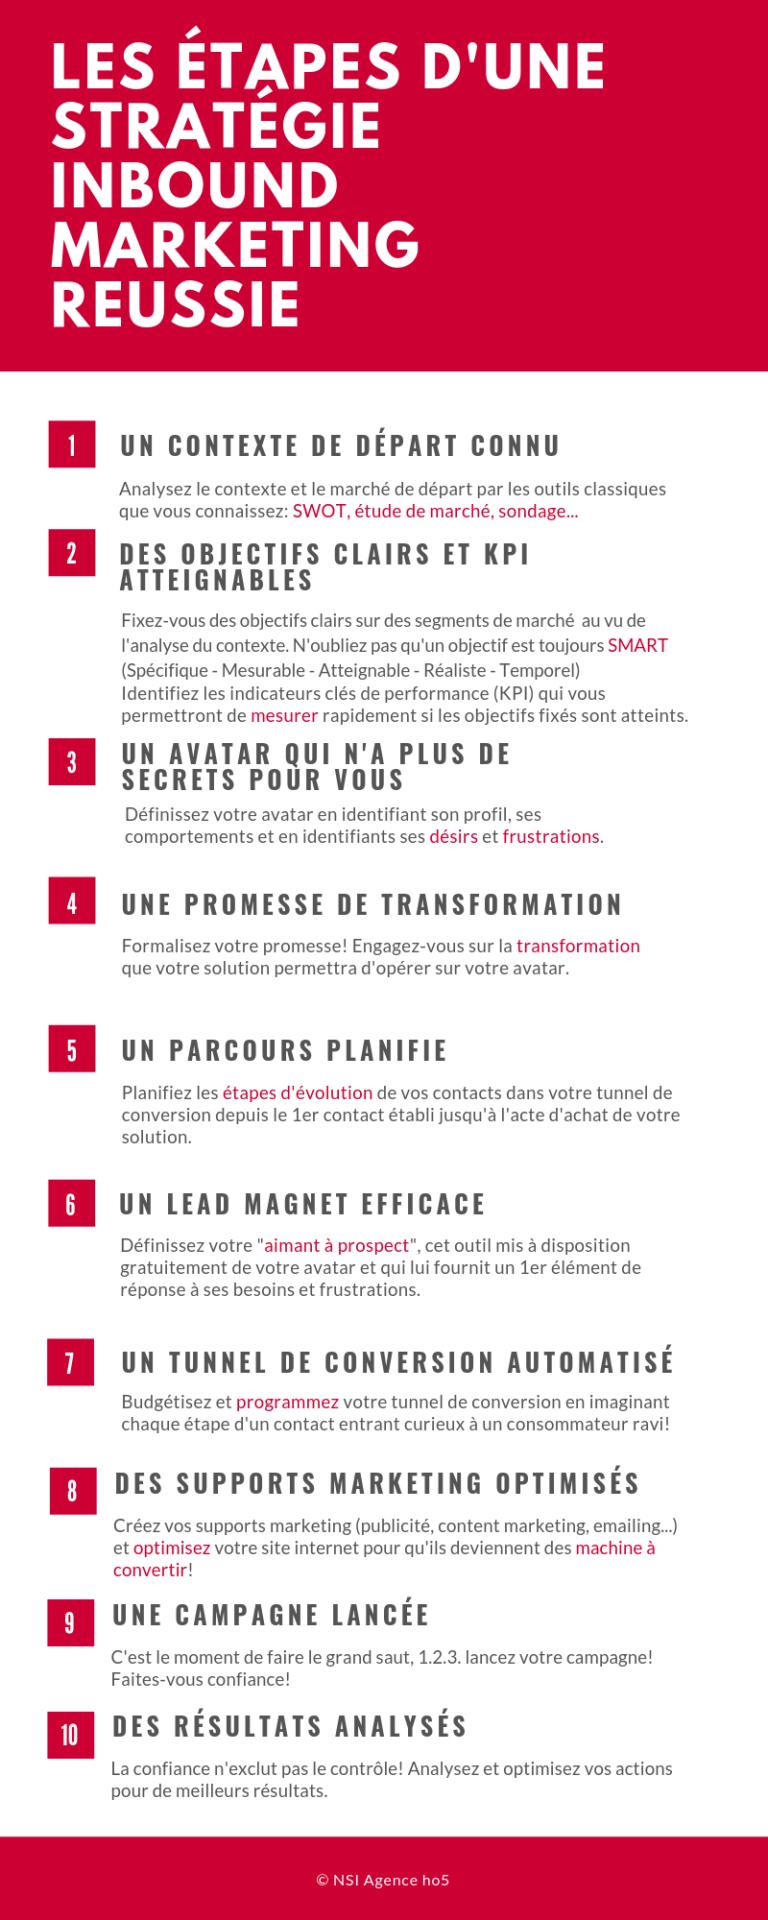 LEs étapes d'une stratégie inbound marketing (2)